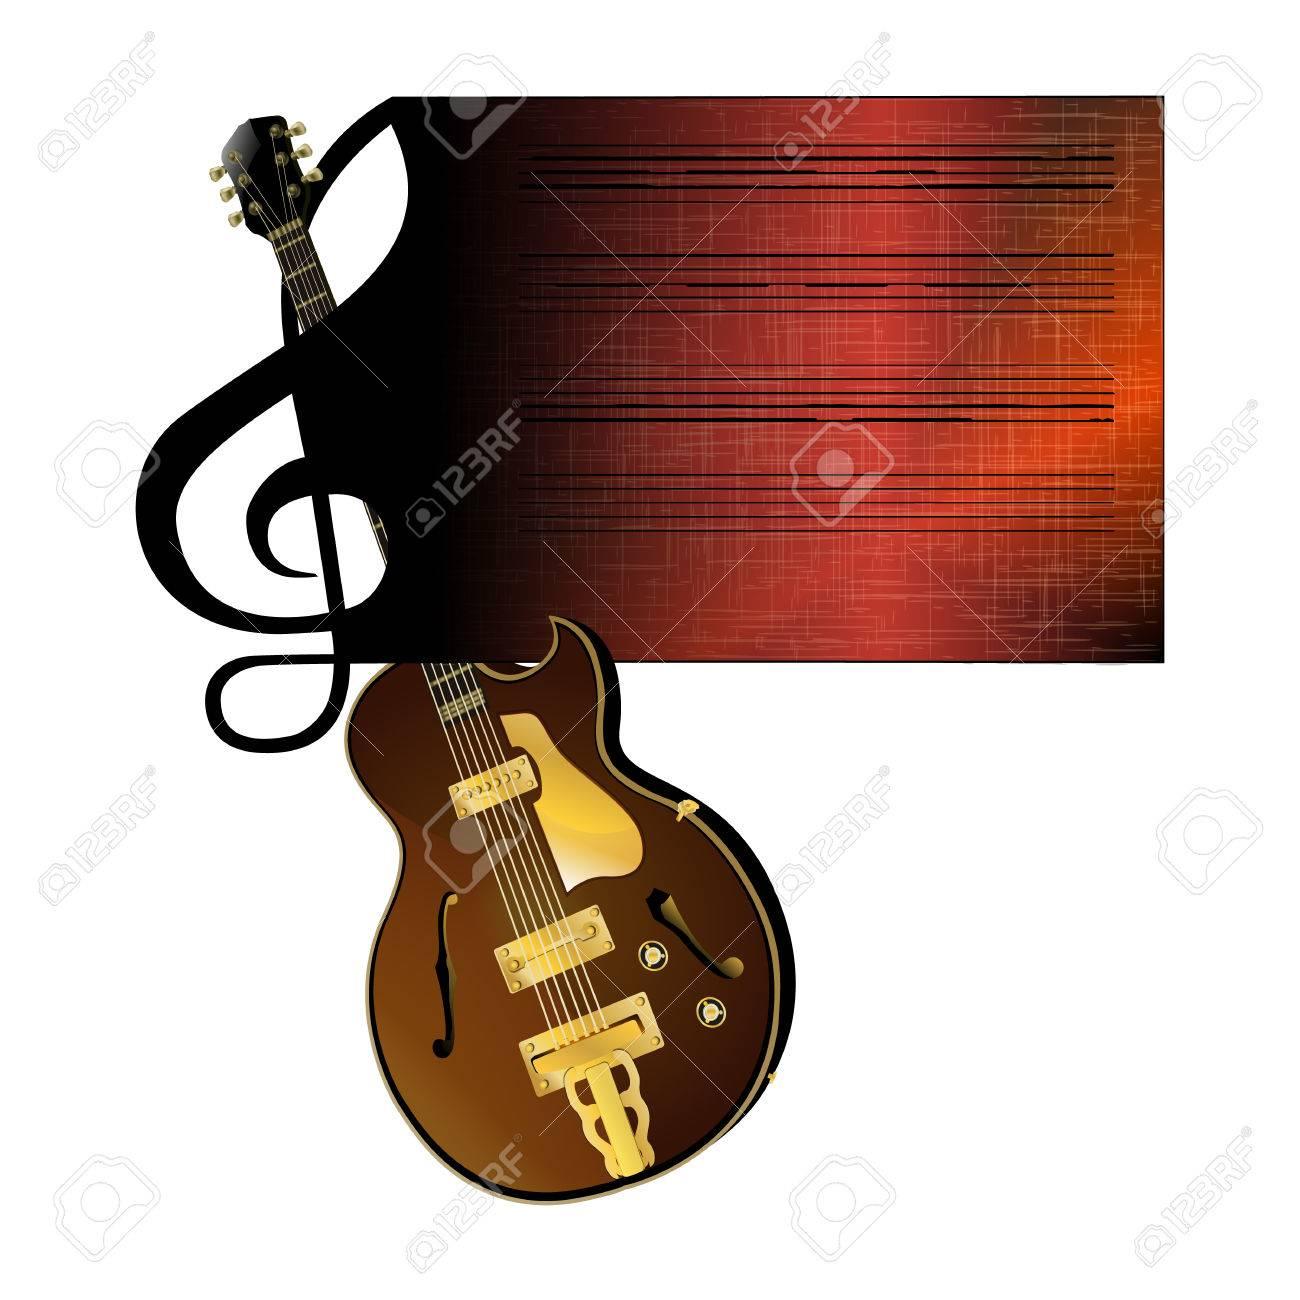 Ilustración Vectorial De Una Clave De Sol A Evitar Que Circula Por La Guitarra De Jazz Objeto Aislado En Un Fondo Blanco Se Puede Utilizar Con